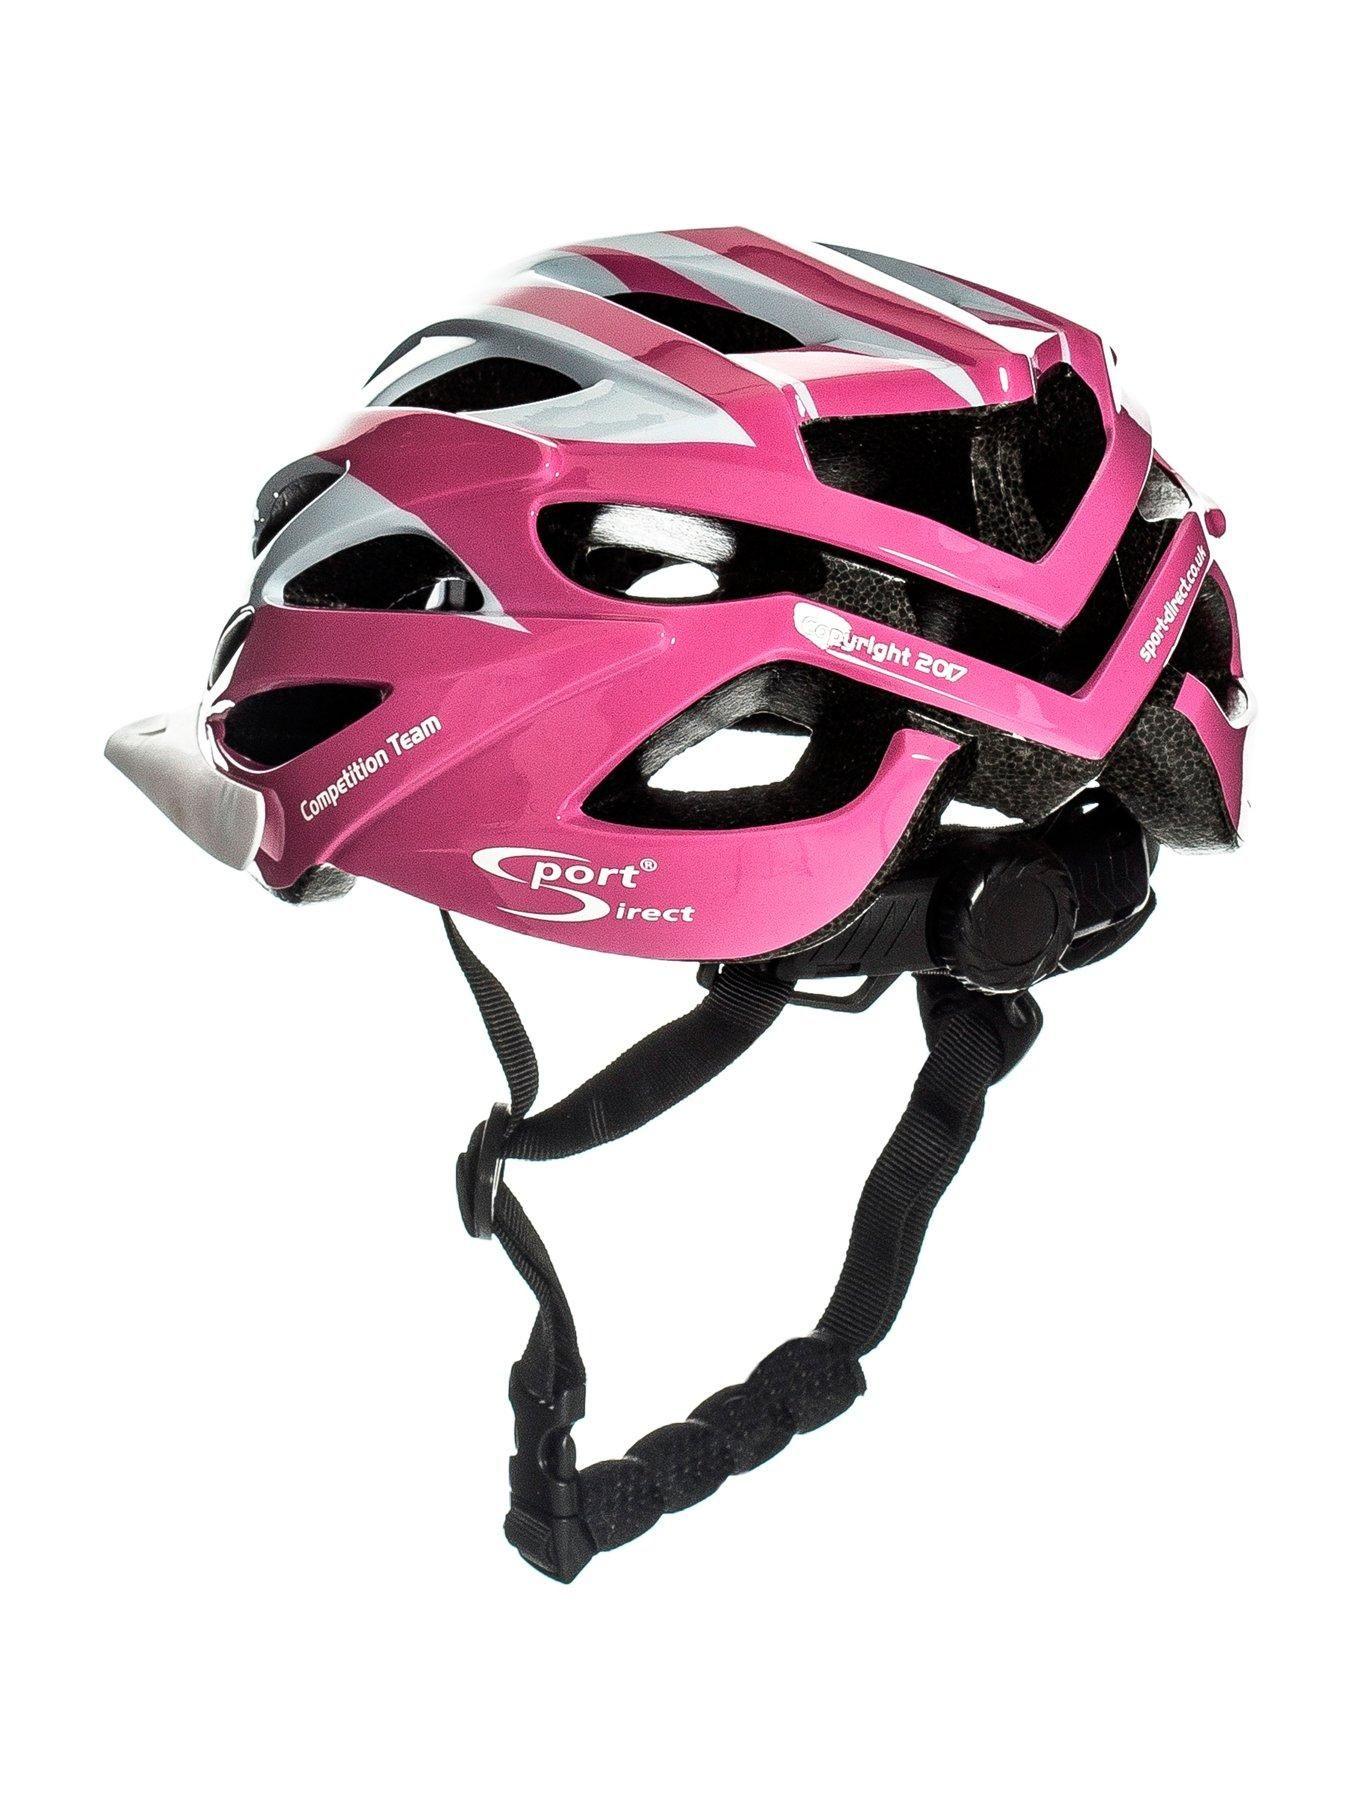 Sport Direct Sport Direct Junior Girls Bicycle Helmet 54